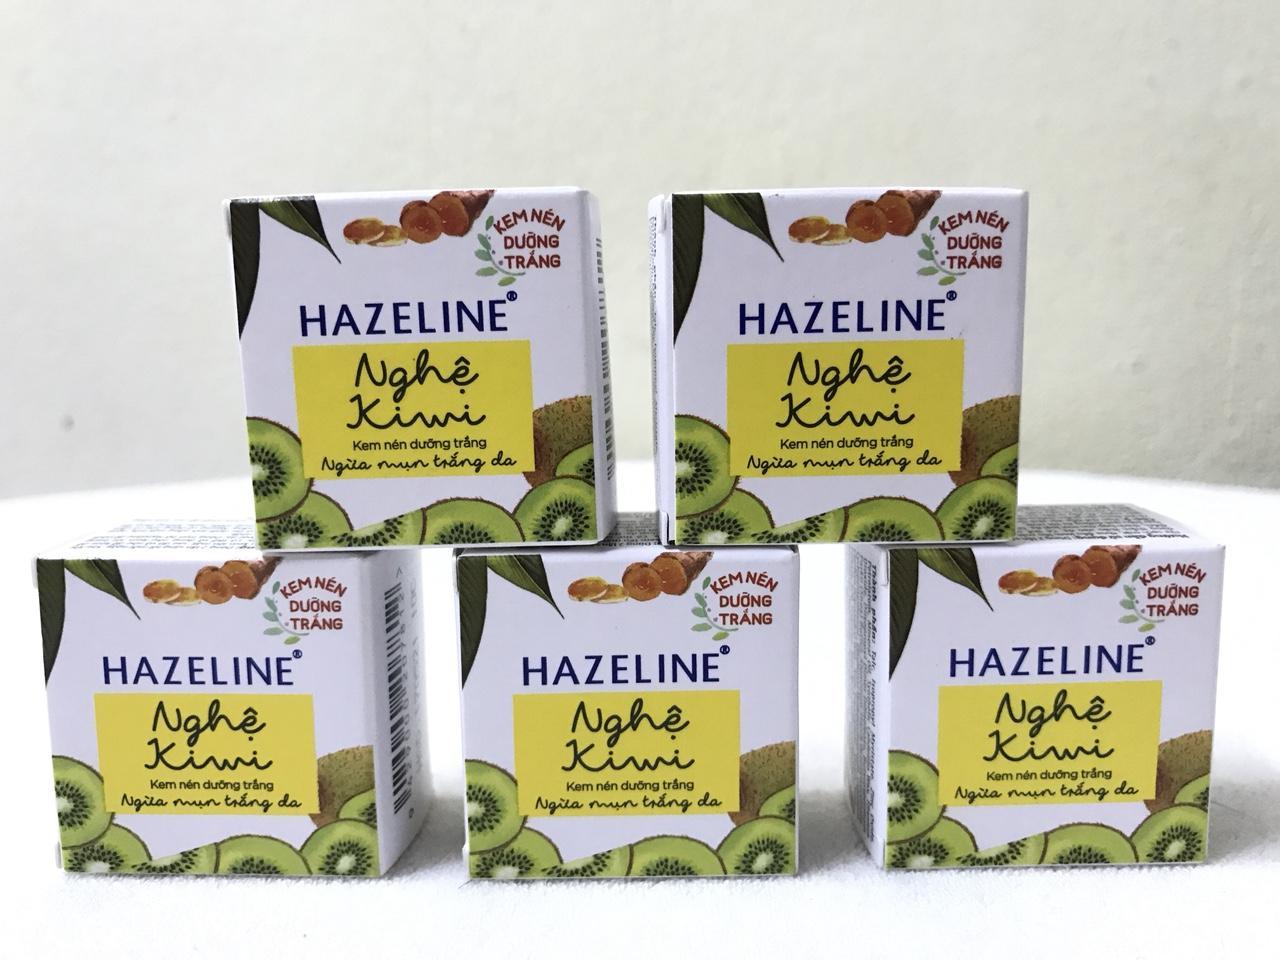 combo 5 hộp kem nén hazeline ngừa mụn dưỡng trắng 3g/hộp + Tặng 1 túi đựng mỹ phẩm